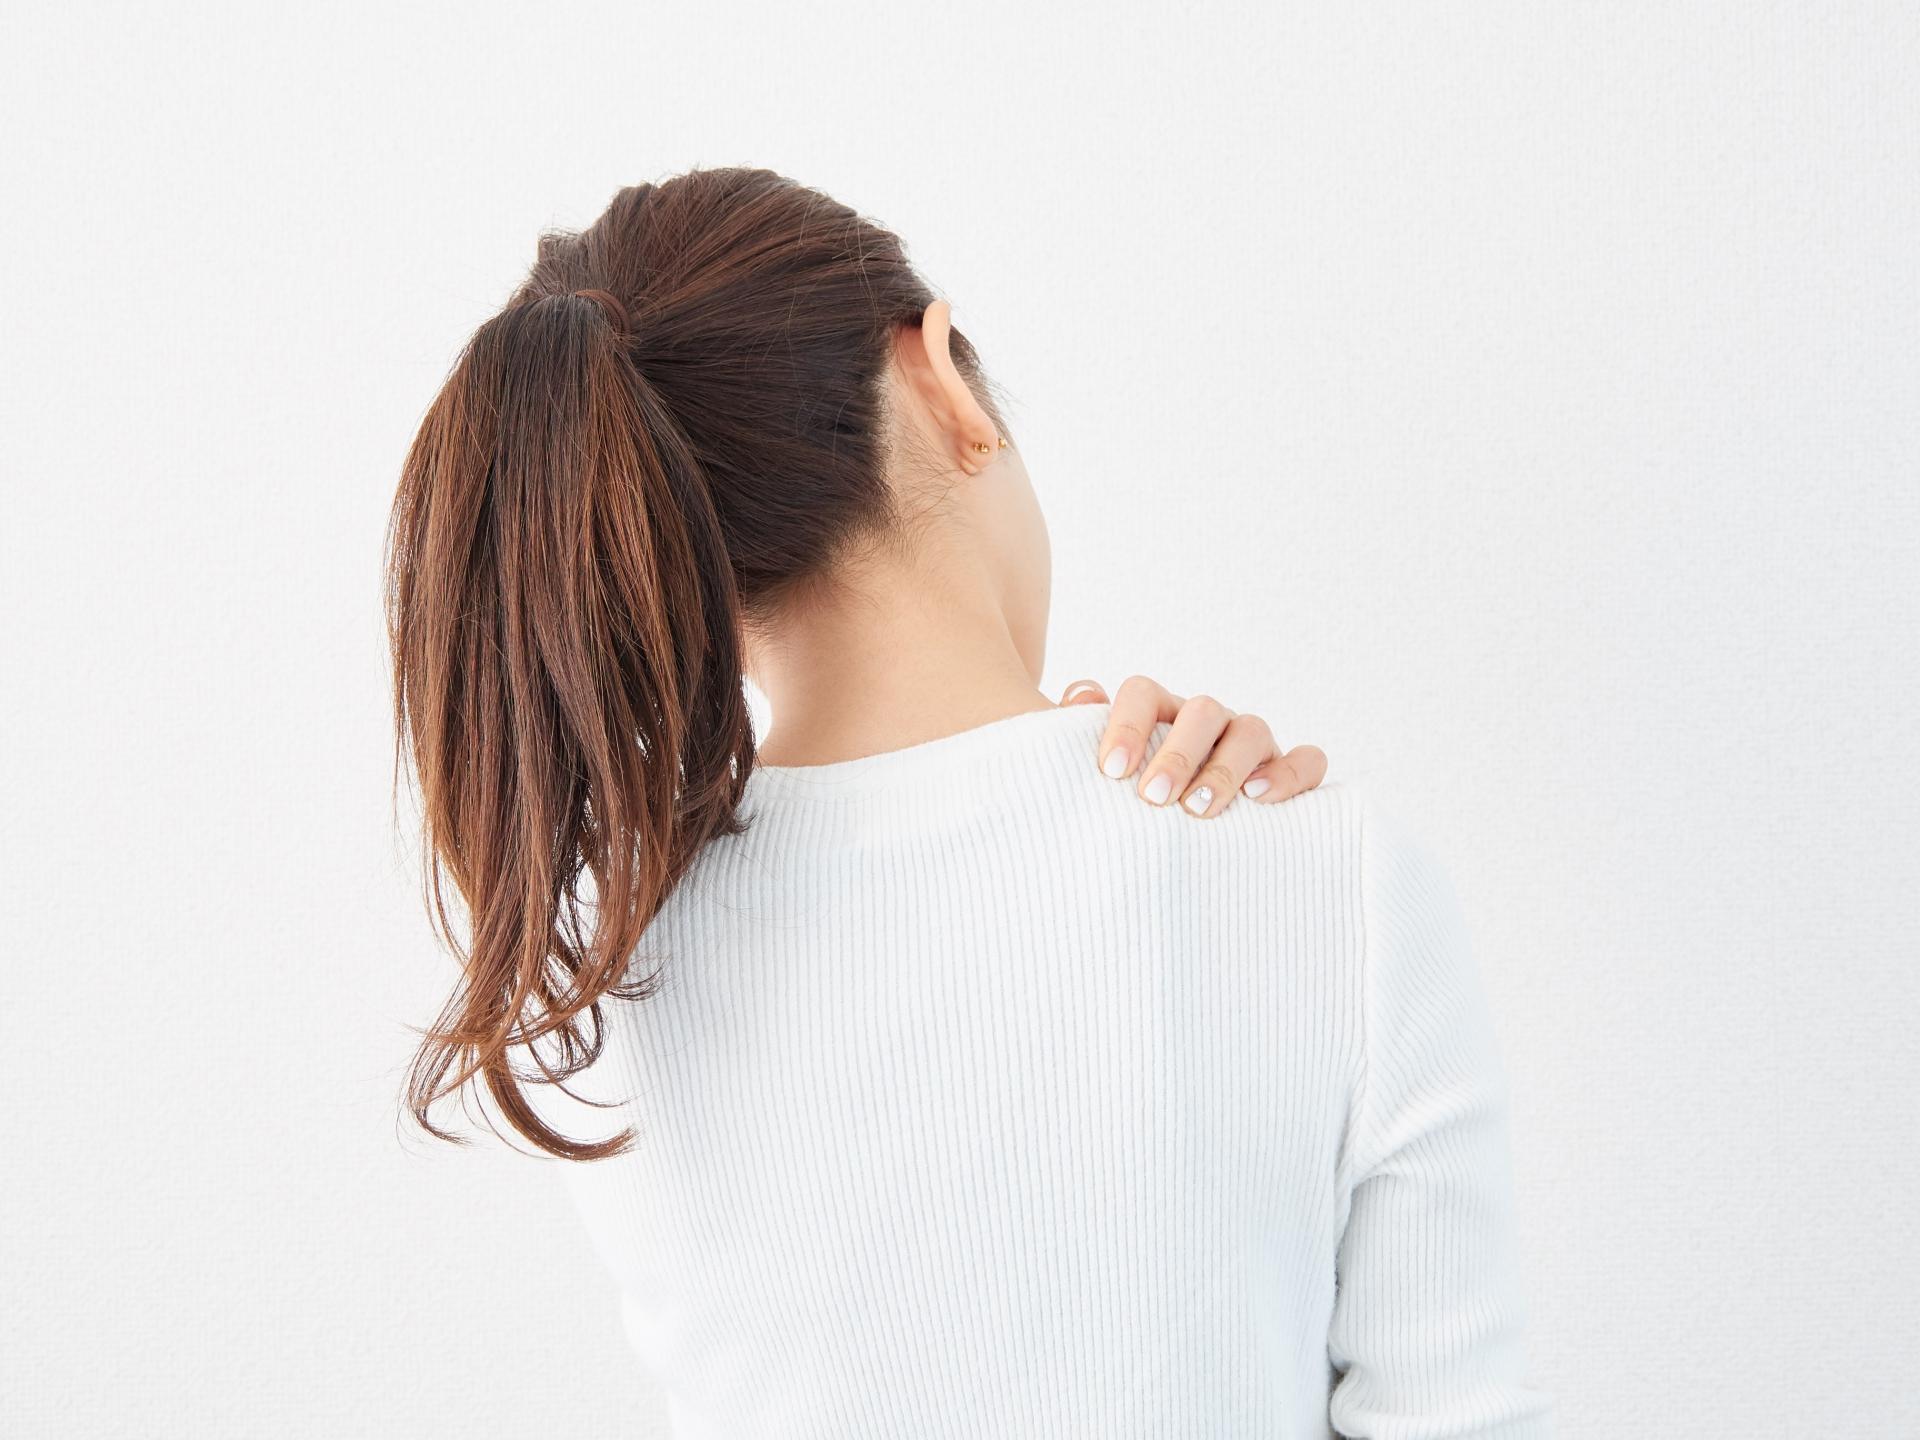 肩こりに悩まされている女性